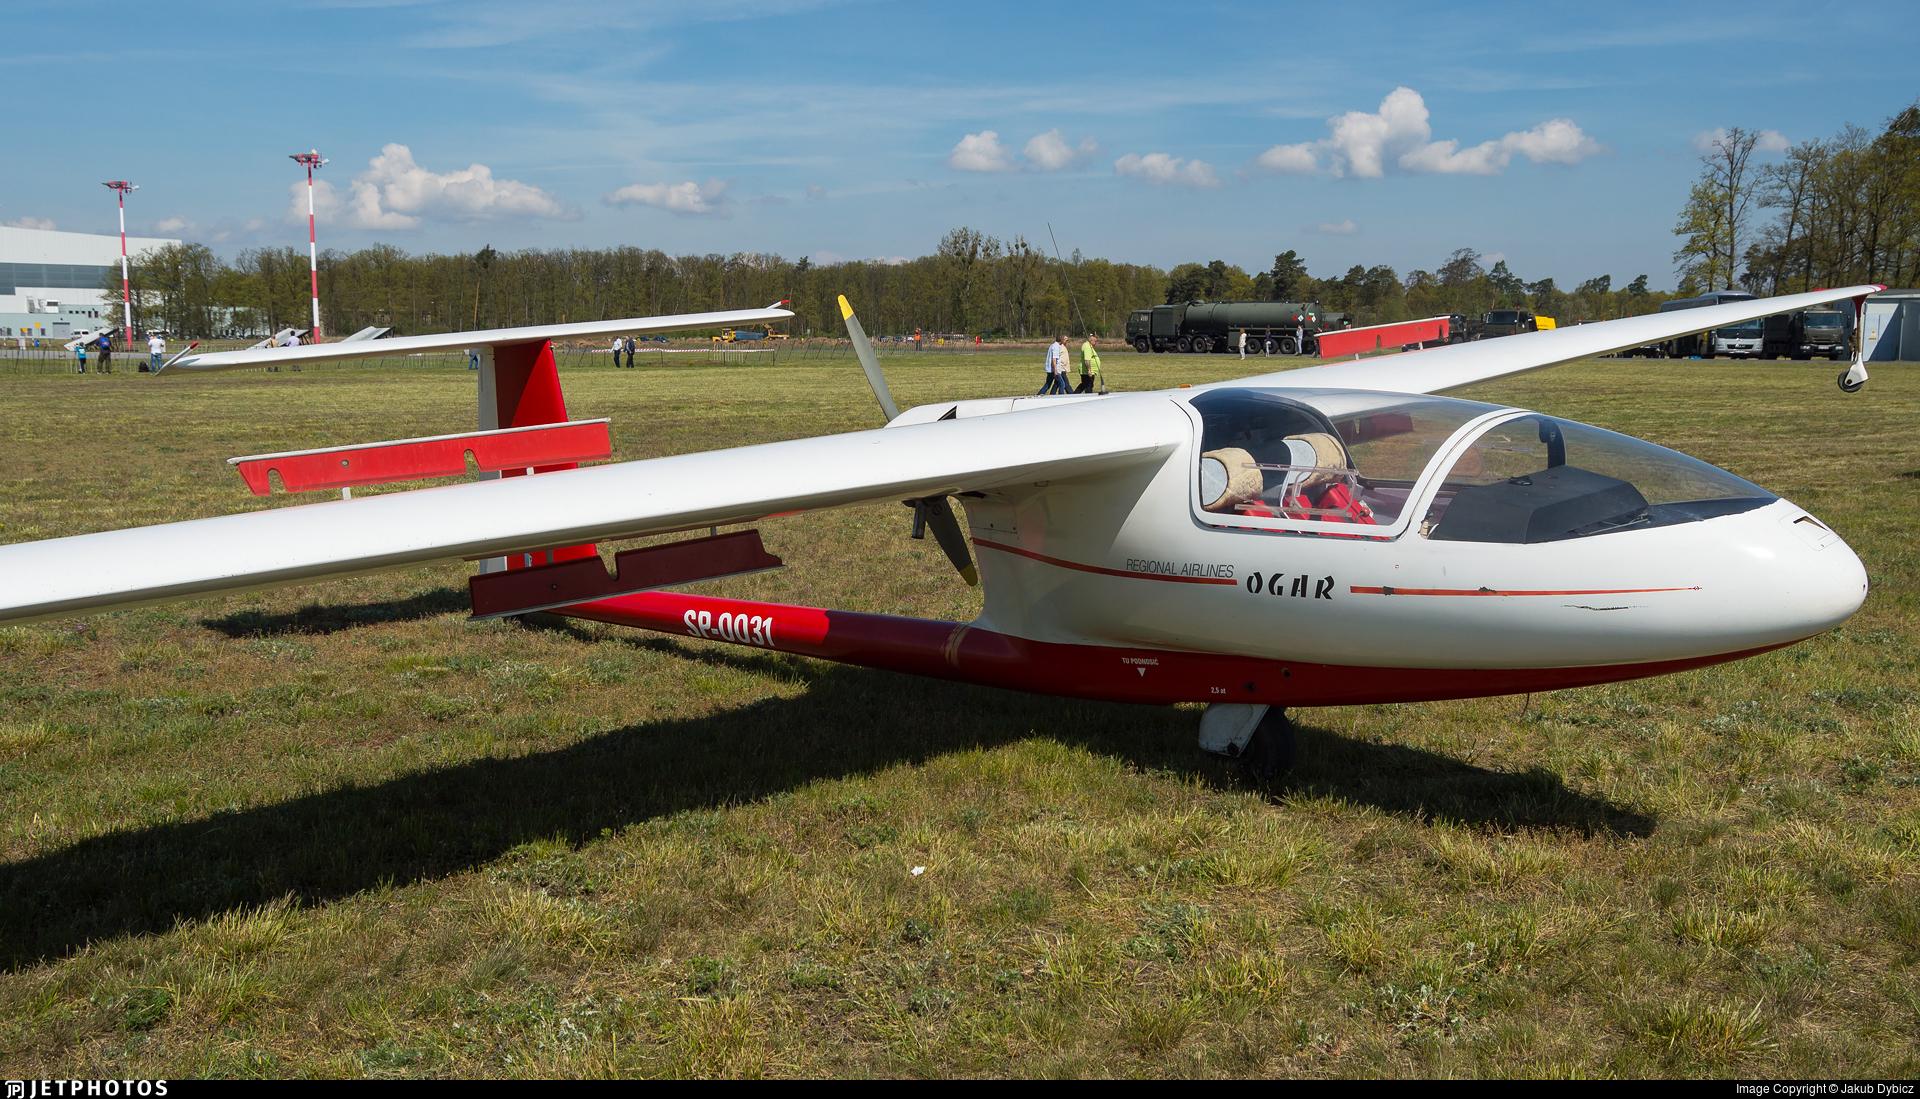 SP-0031 - SZD 45A Ogar - Private